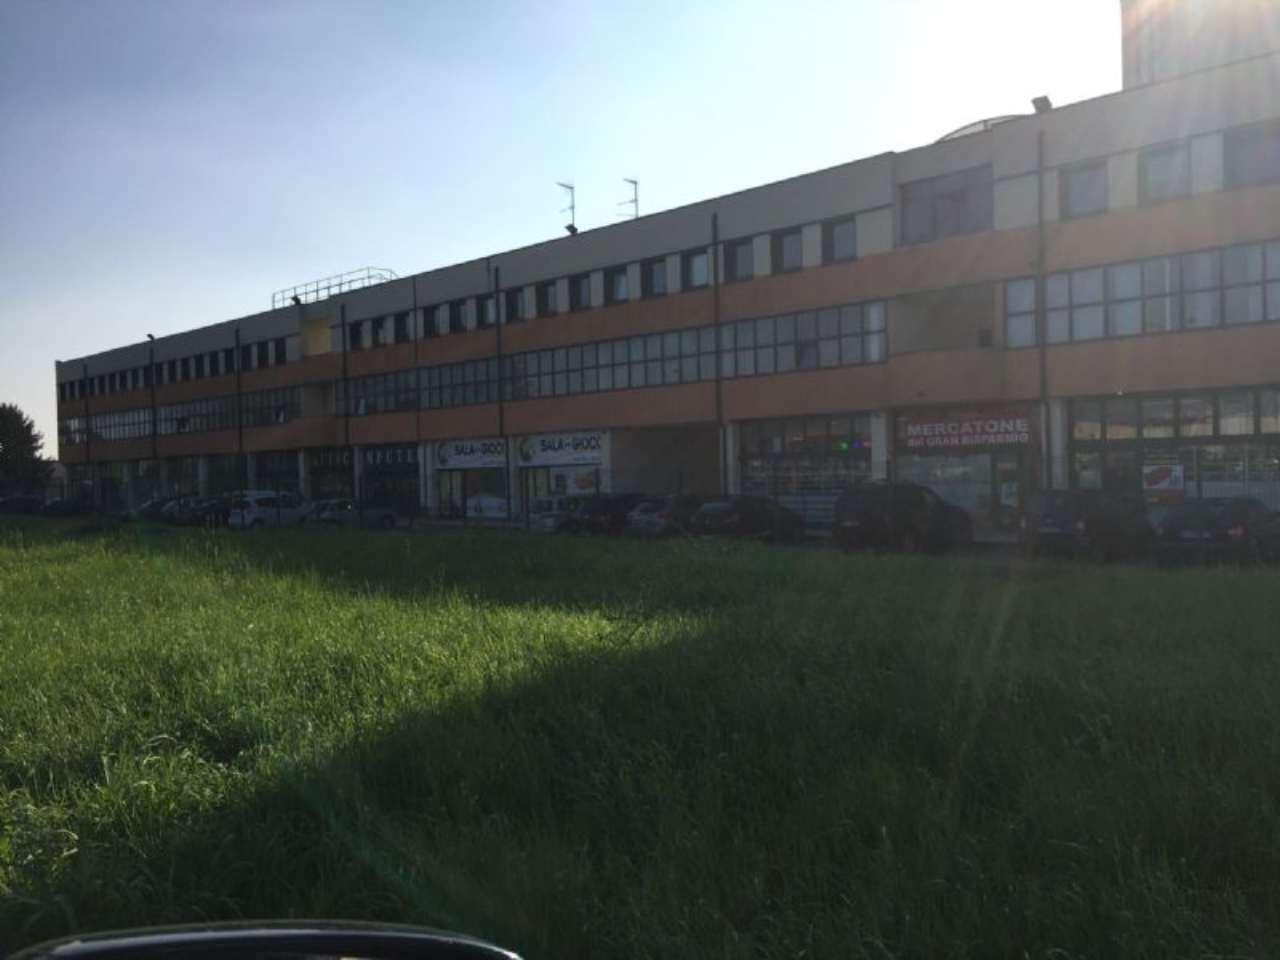 Ufficio / Studio in affitto a Magenta, 2 locali, prezzo € 600   CambioCasa.it